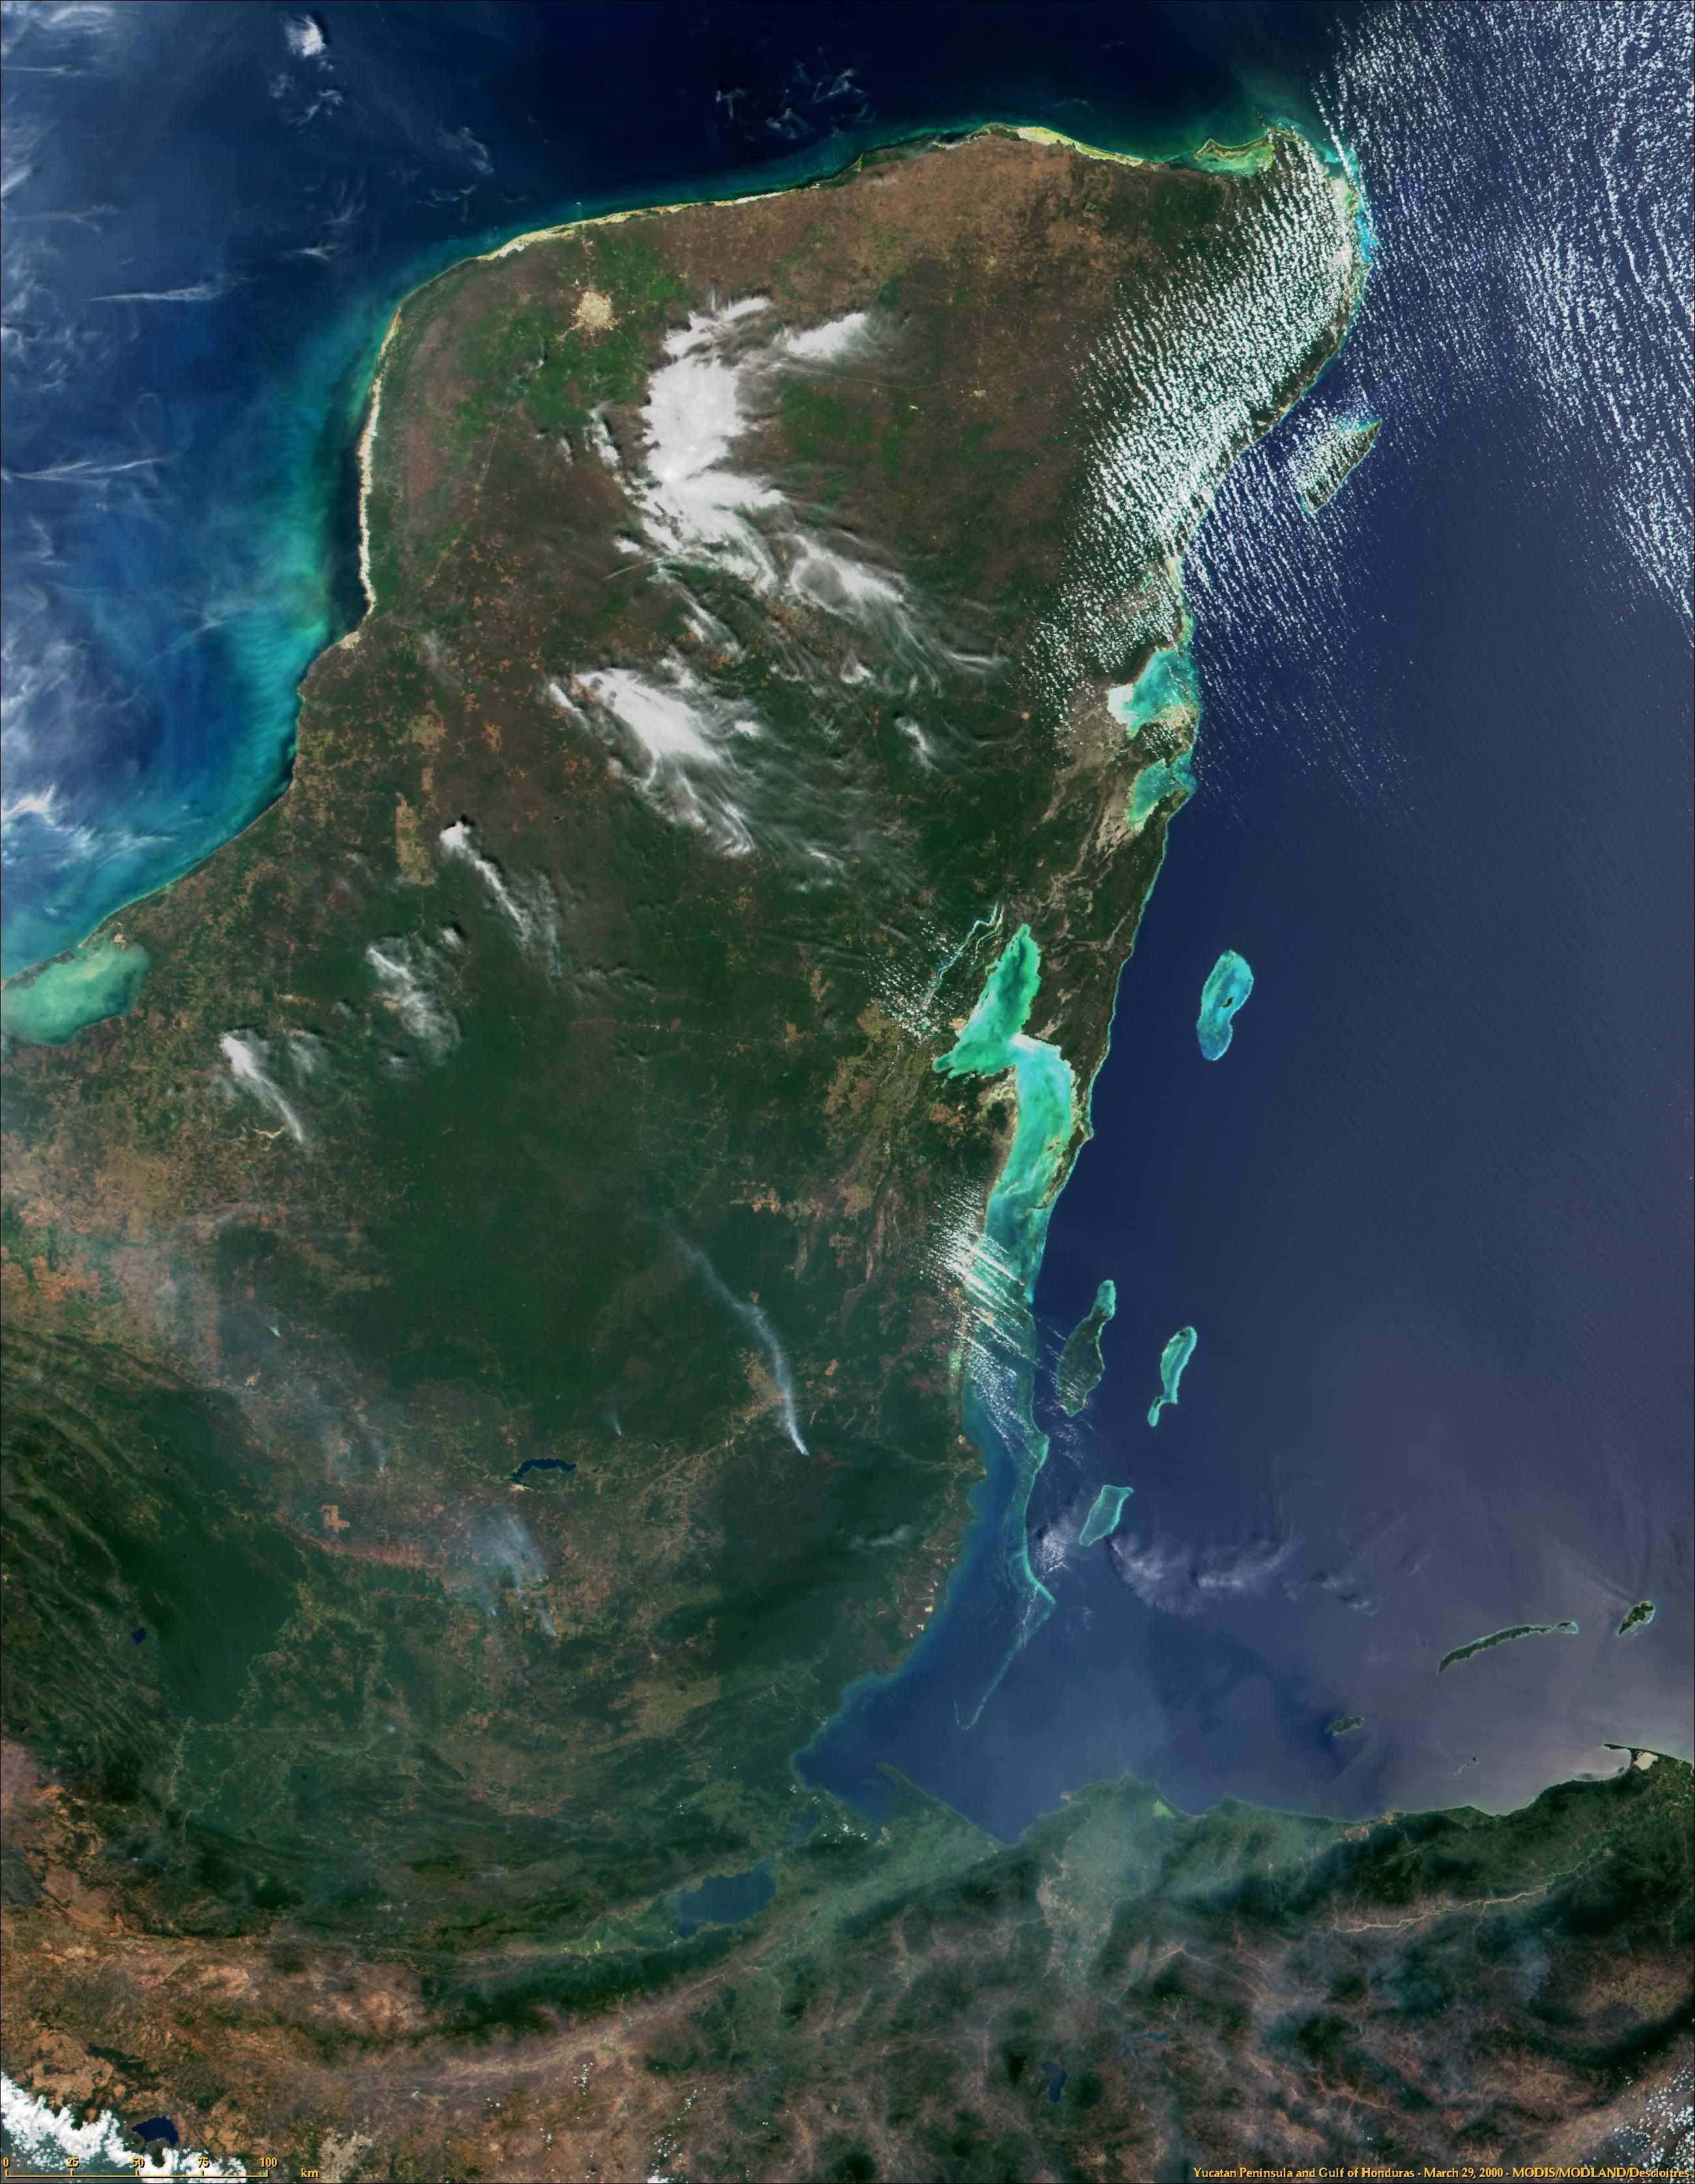 Chetumal Bay